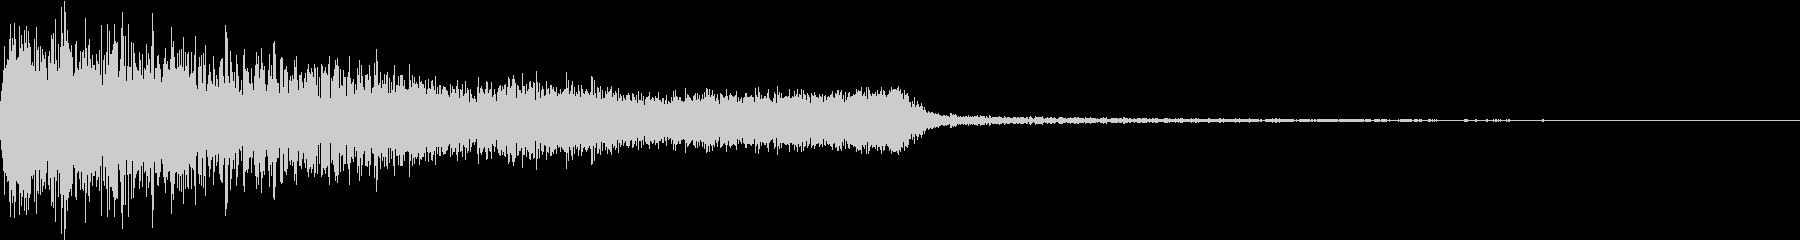 衝撃 ギター インパクト ノイズ 07の未再生の波形